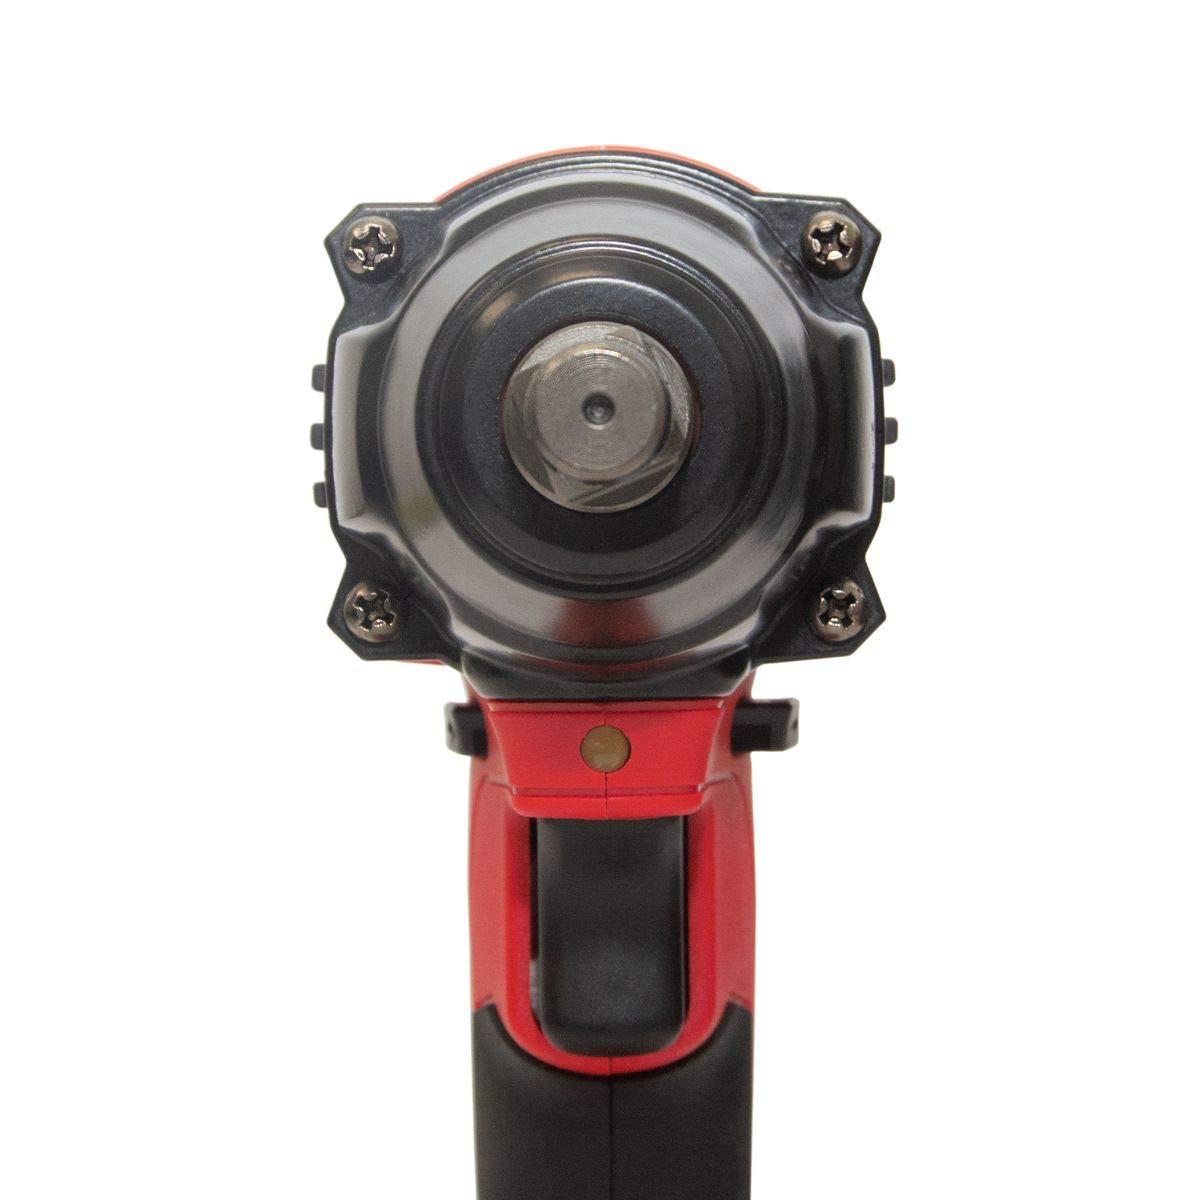 SCHMIDT security tools Akku-Schlagschrauber IW-320 Li-Ion 18 V DC 3,0 Ah 320 Nm LED-Licht vierkant 13 mm 1//2 Zoll mit Akku und Ladeger/ät inkl Profi-Koffer mit Zubeh/ör